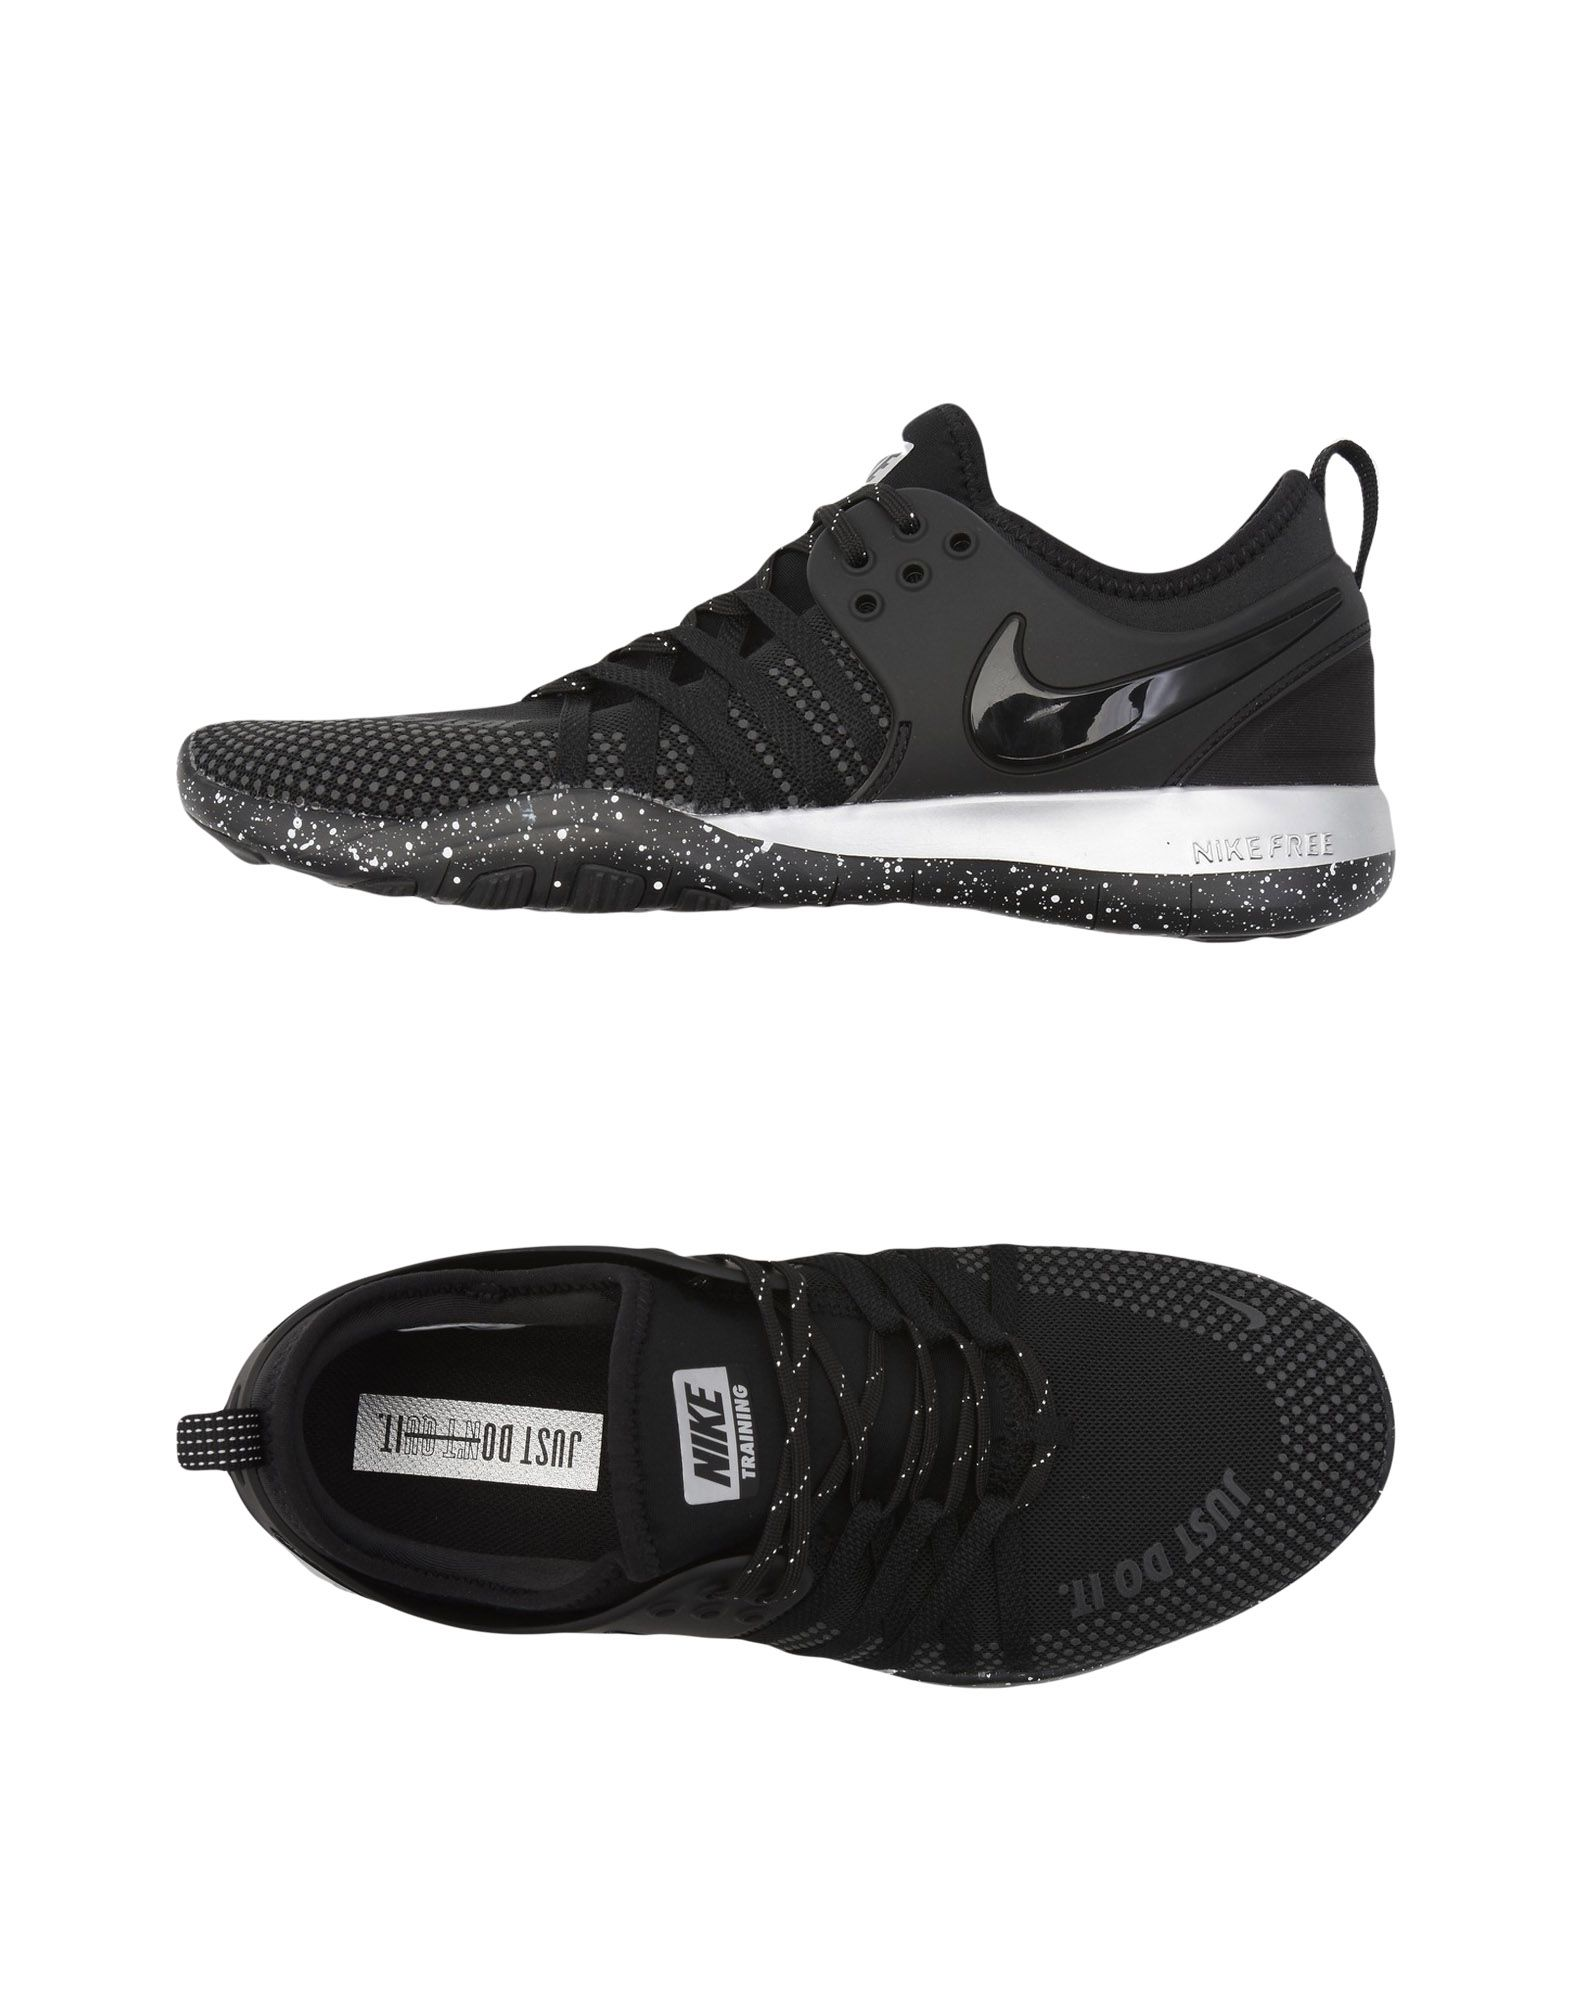 Sneakers Selfie Nike   Free Tr 7 Selfie Sneakers - Donna - 11441358LE 5a6613